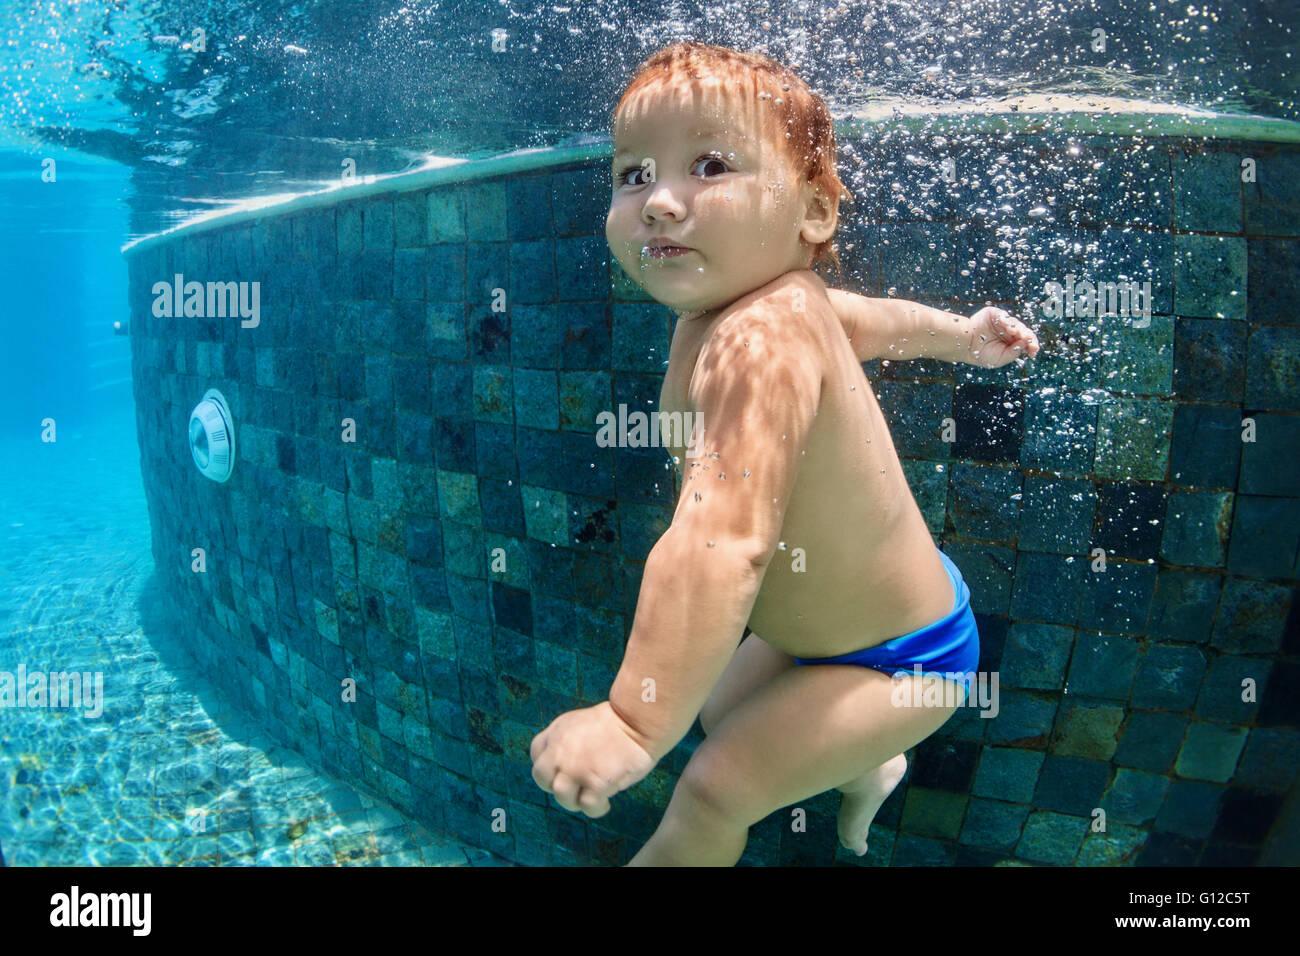 Lustiges Foto der aktiven Babyschwimmen und Tauchen im pool mit Spaß - springen tief unter Wasser mit Spritzern Stockbild